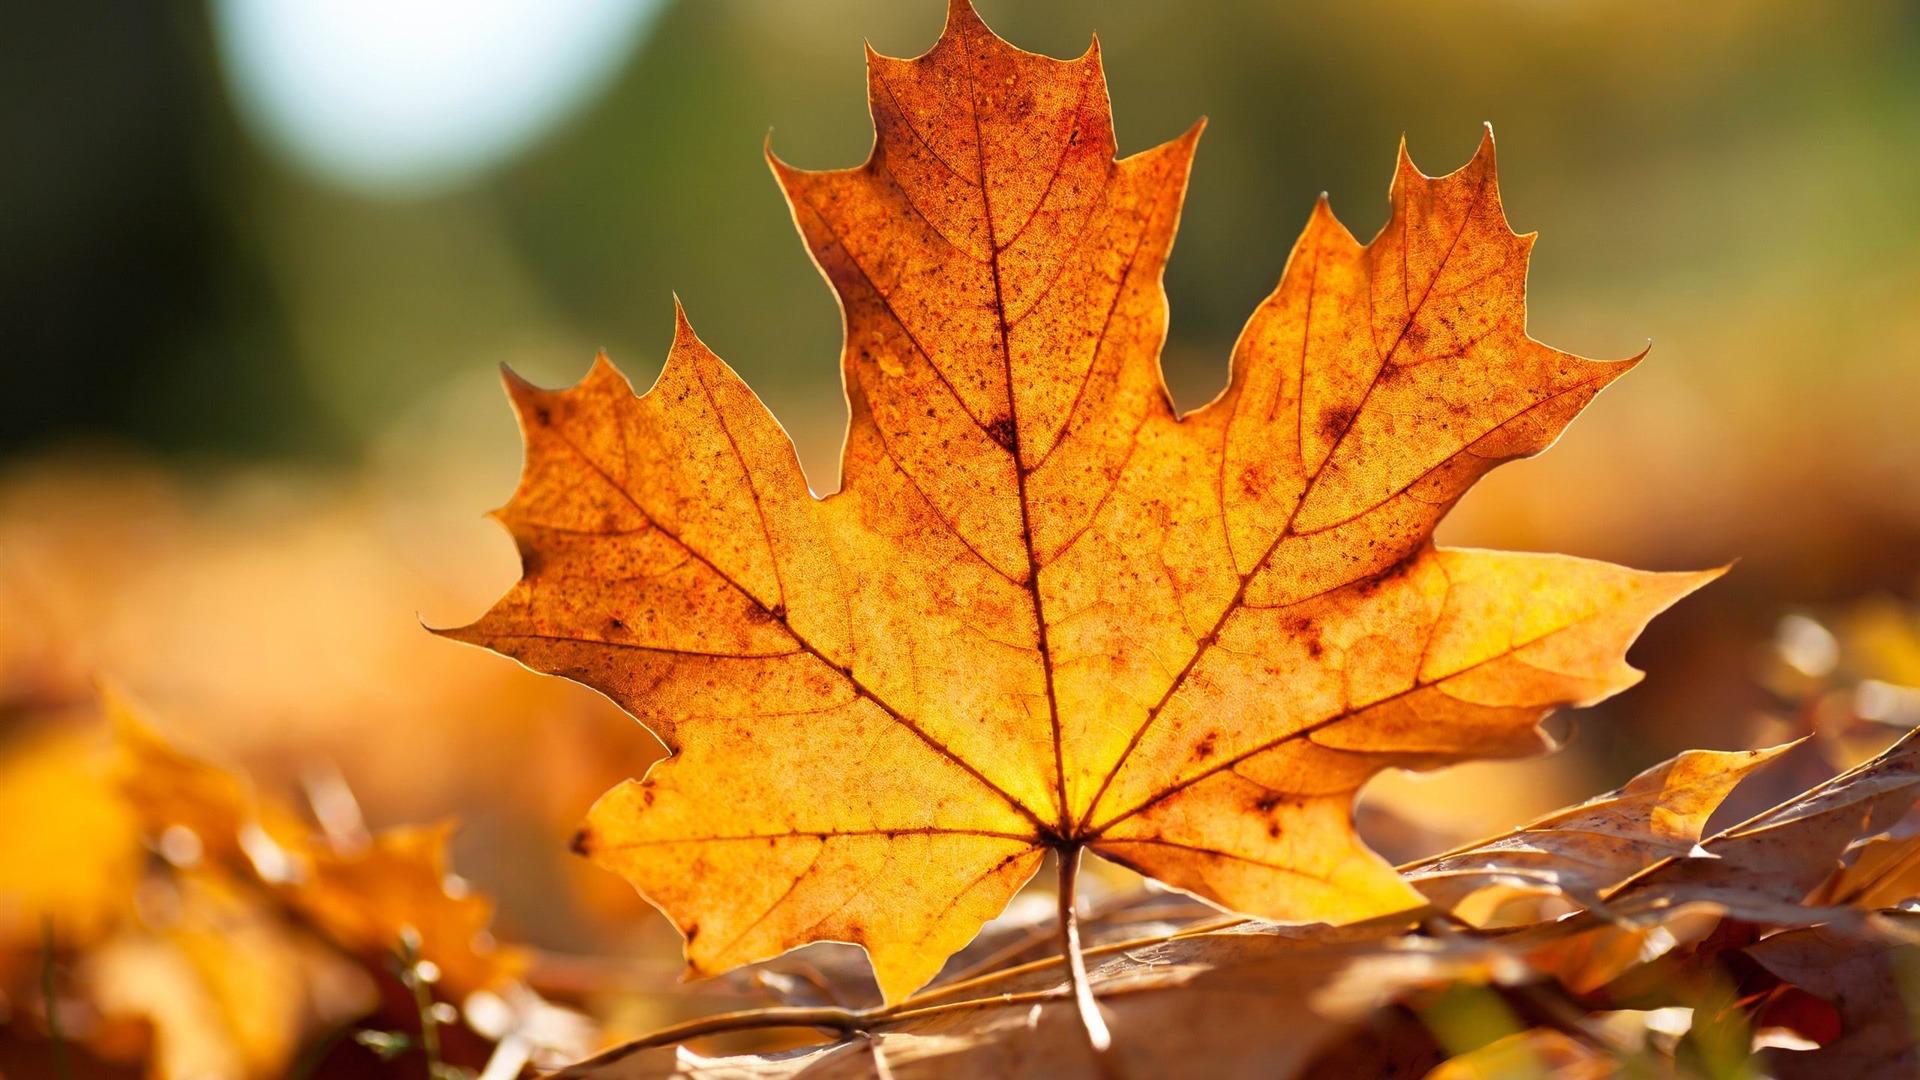 Feuille d 39 automne fond d 39 cran paysage d 39 automne 1920x1080 t l chargement - Images d automne gratuites ...